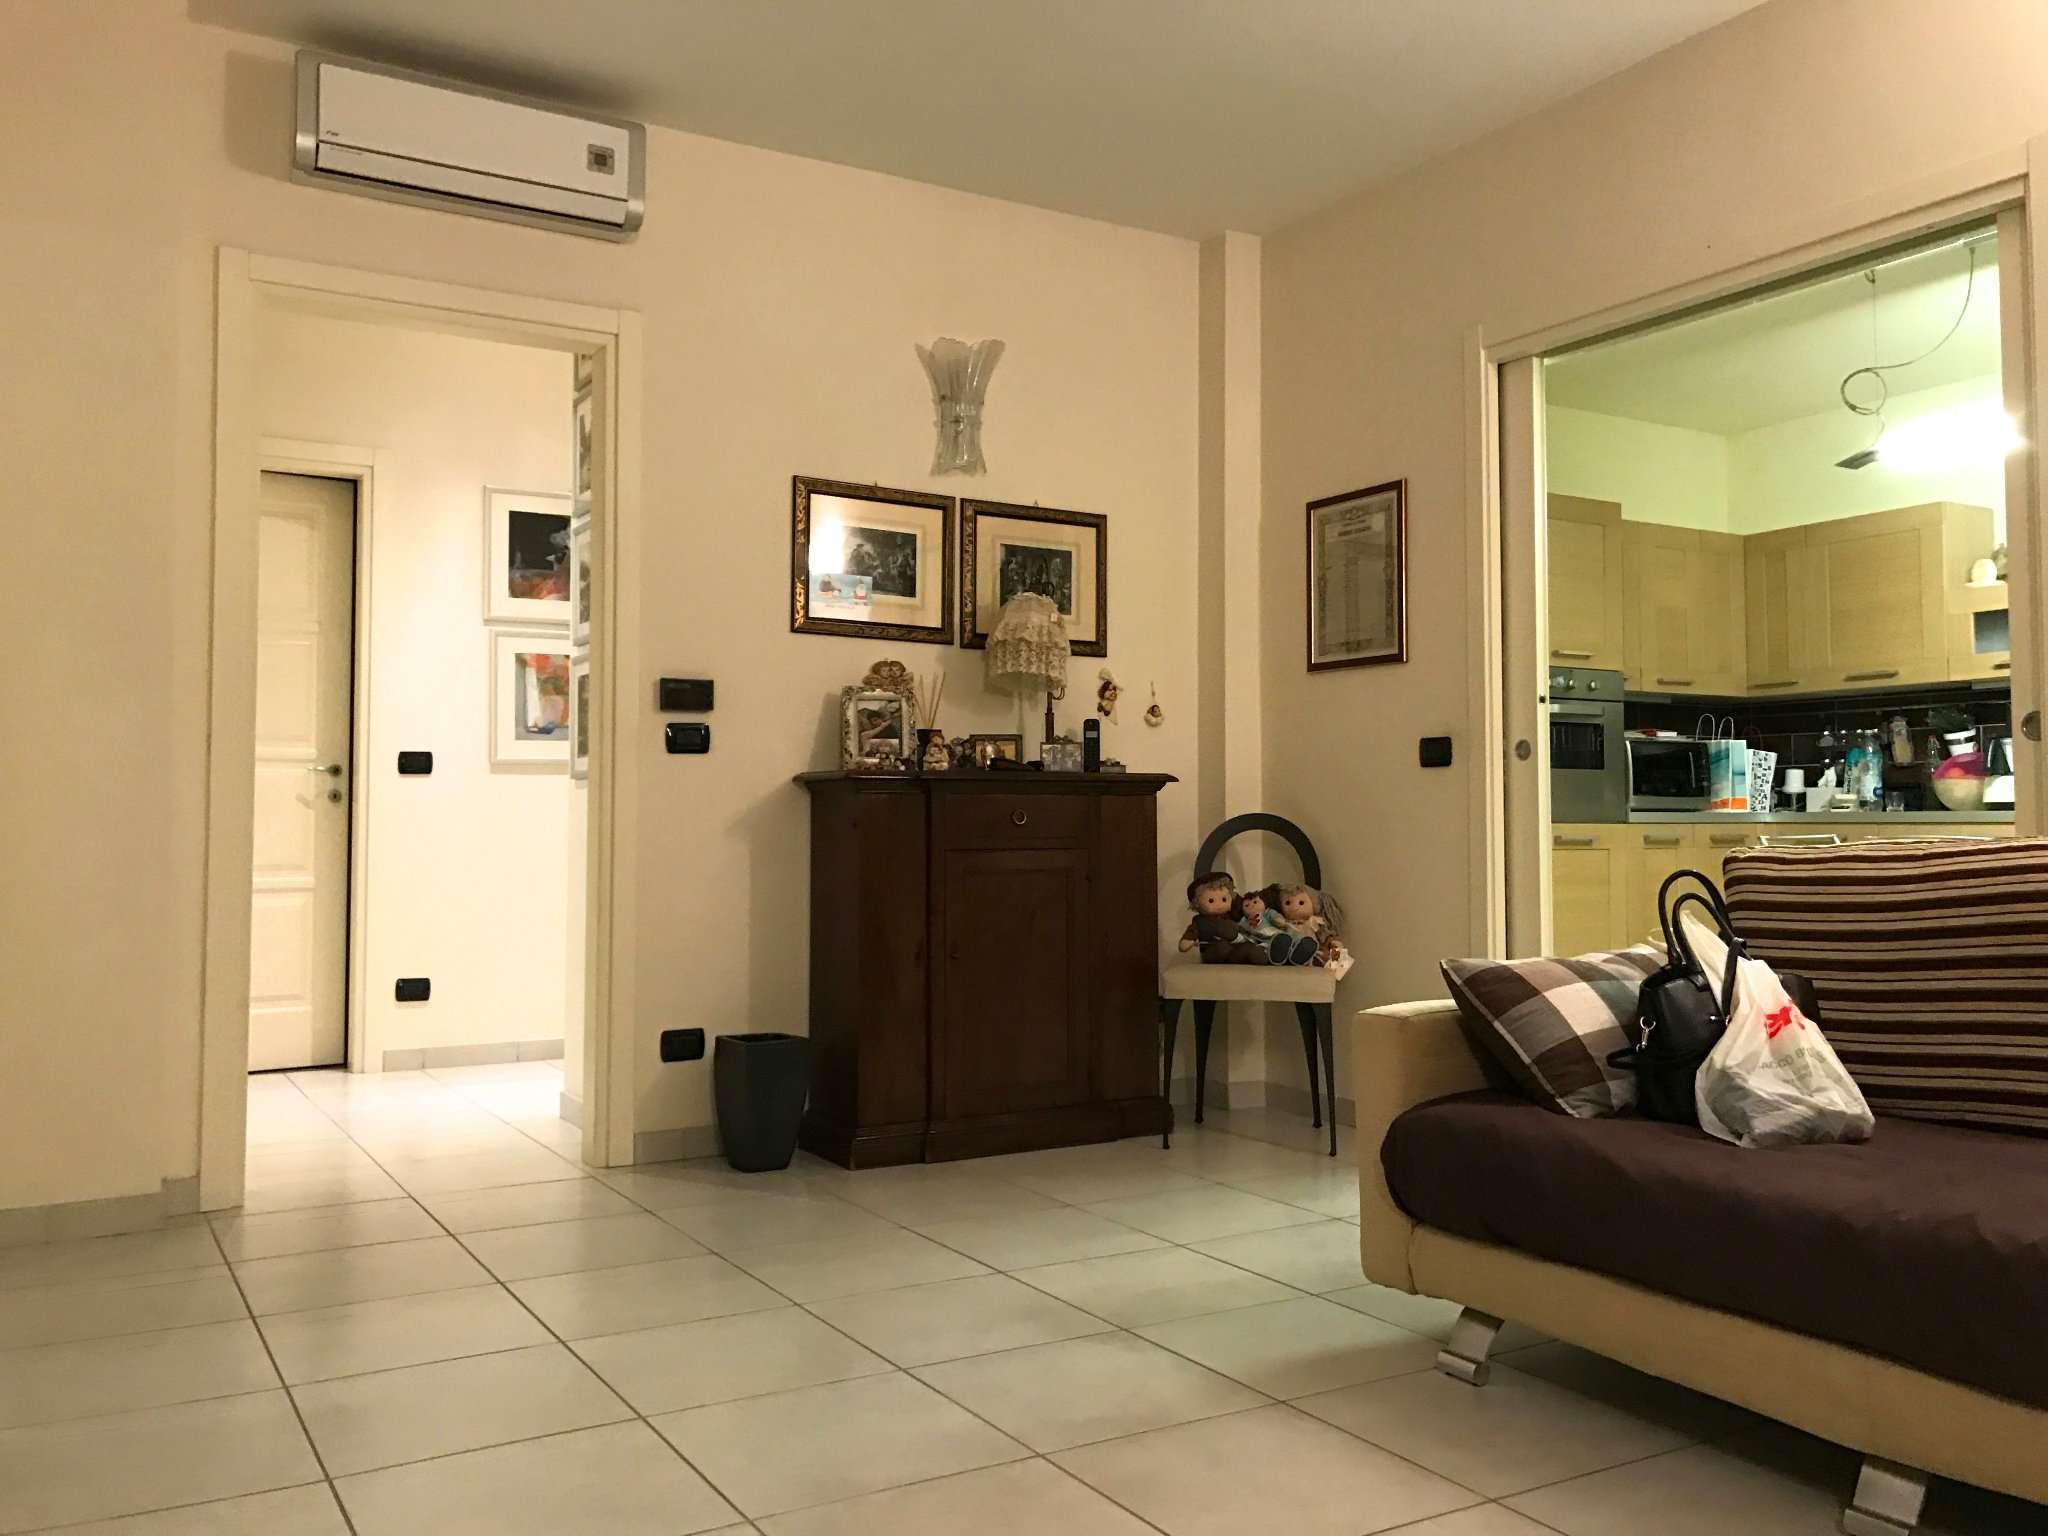 Appartamento in vendita a Bra, 4 locali, prezzo € 195.000 | CambioCasa.it